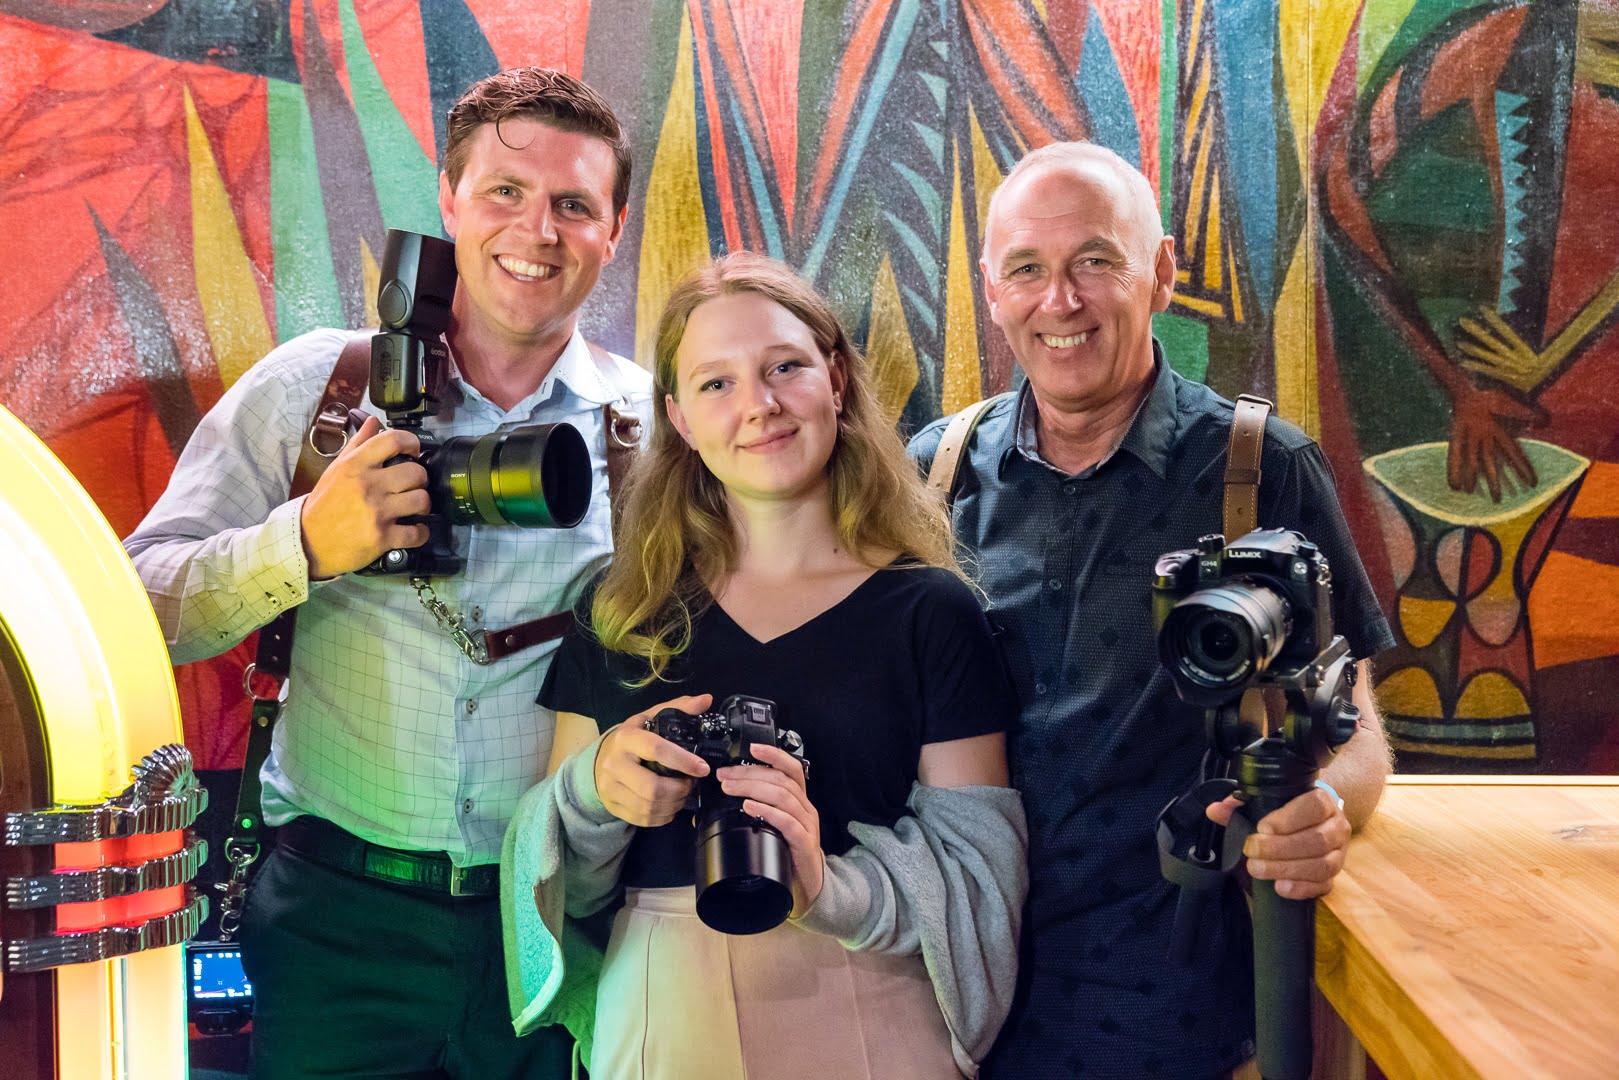 Trouwfotograaf Tom-Tomeij en trouwvideograaf